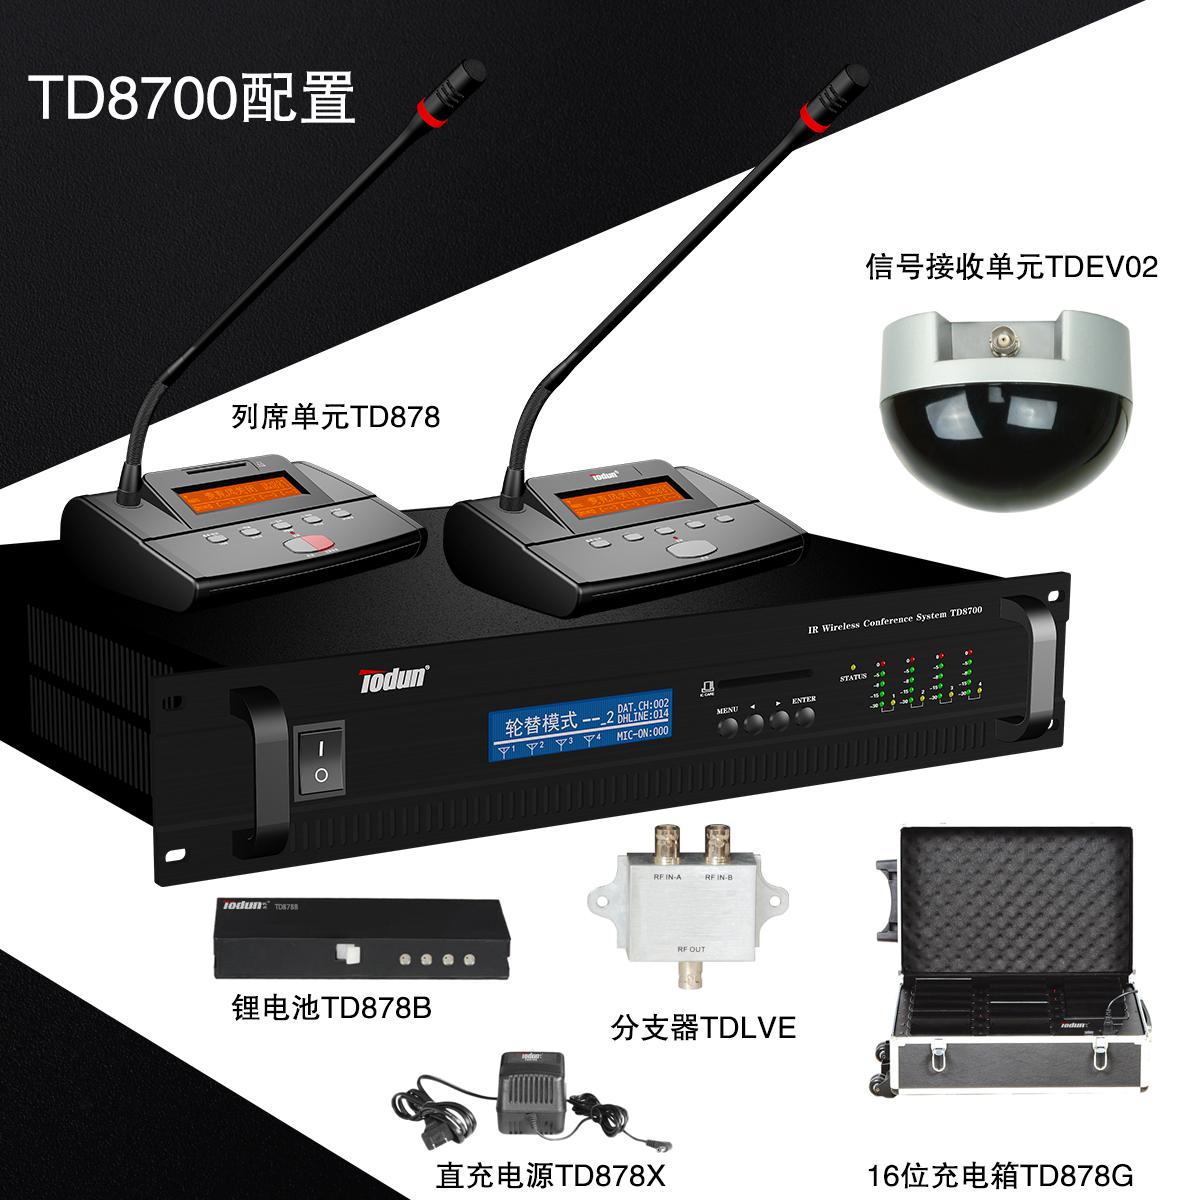 红外线语言分配系统 托顿TD878 会议设备配置